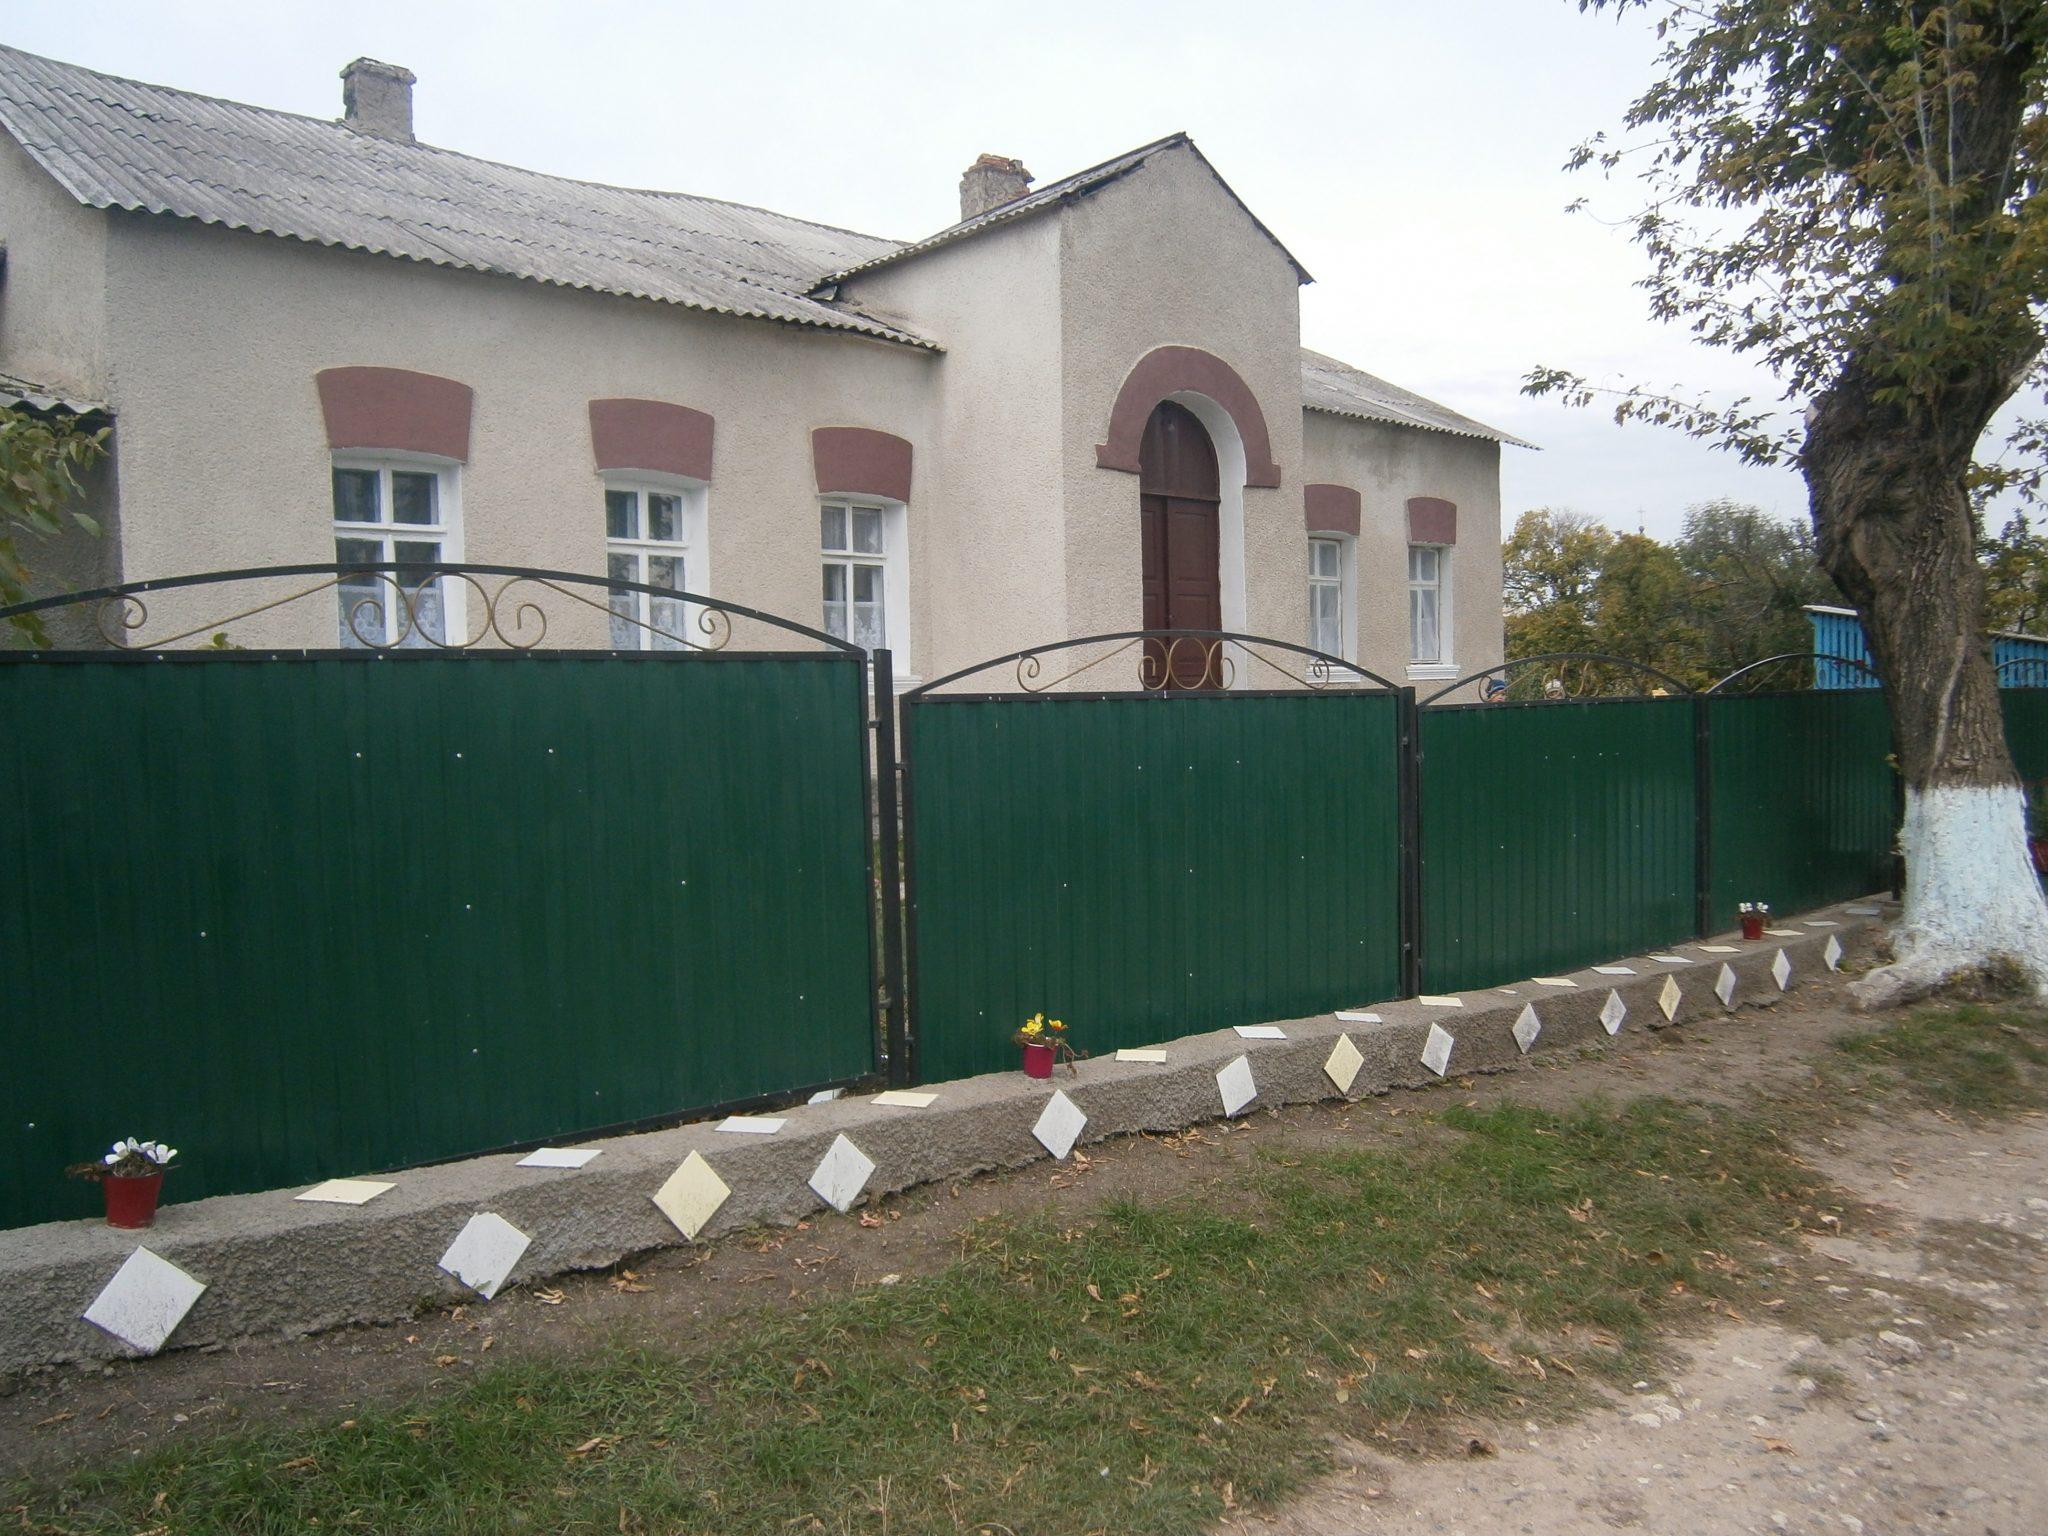 Încă o grădiniță din nordul țării, renovată cu bani oferiți de Guvernul României